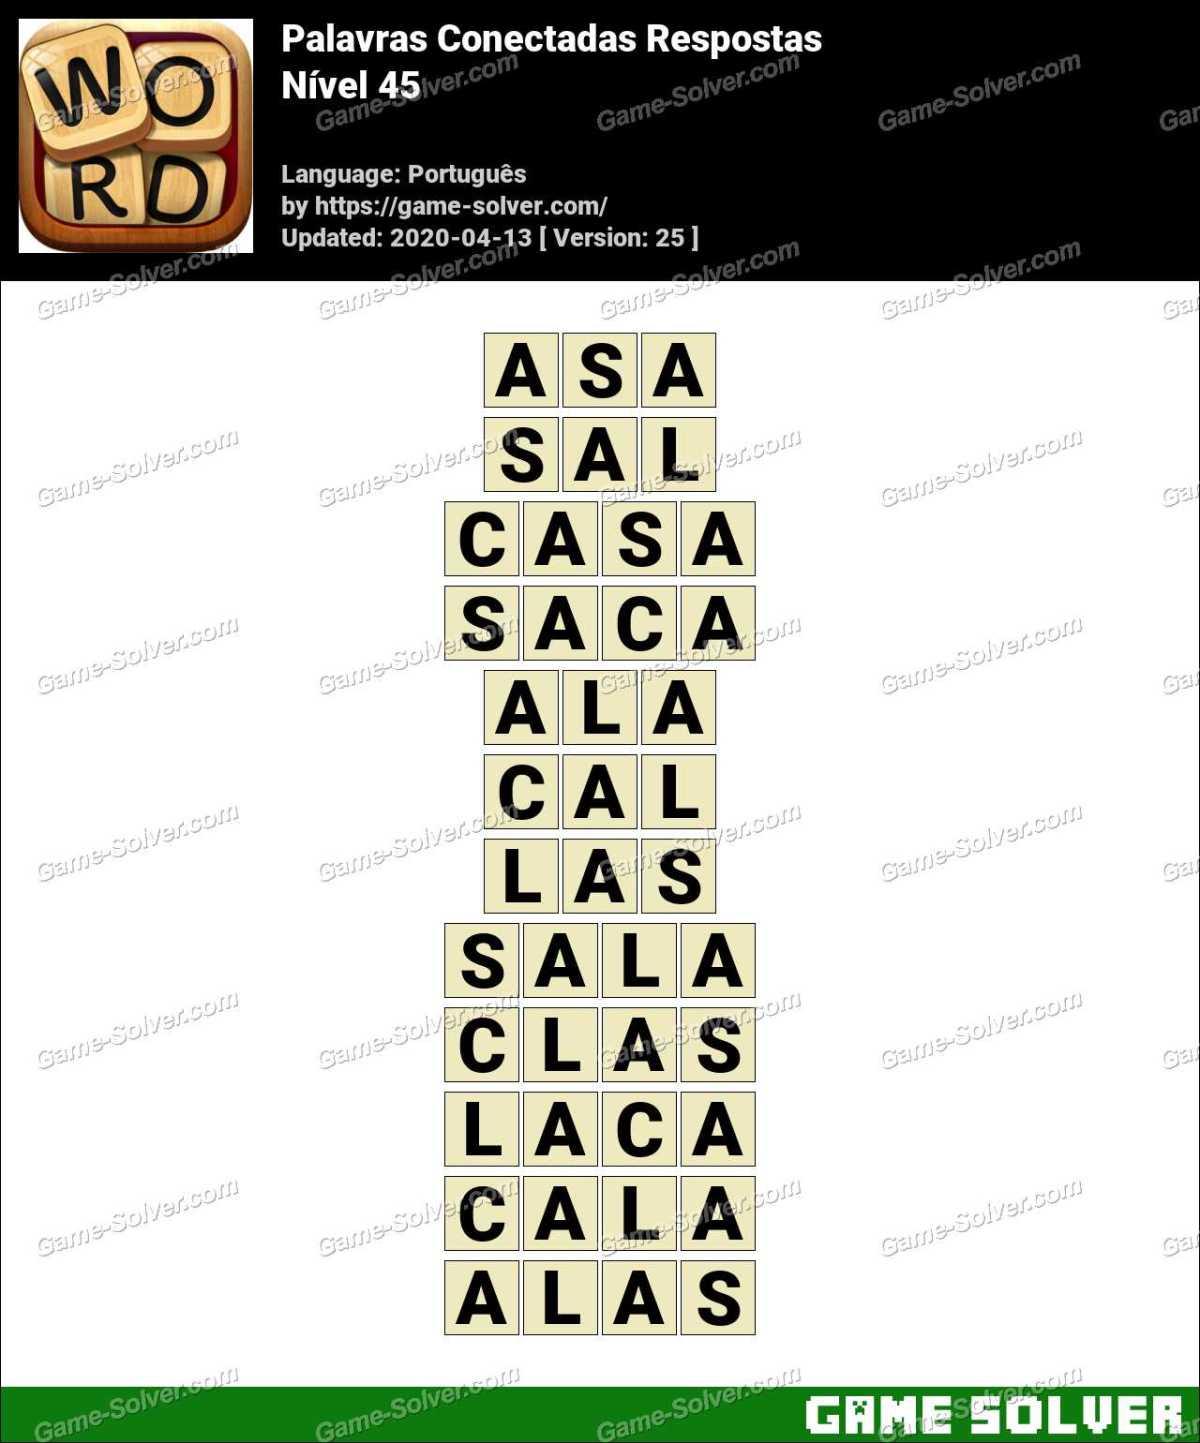 Palavras Conectadas Nivel 45 Respostas